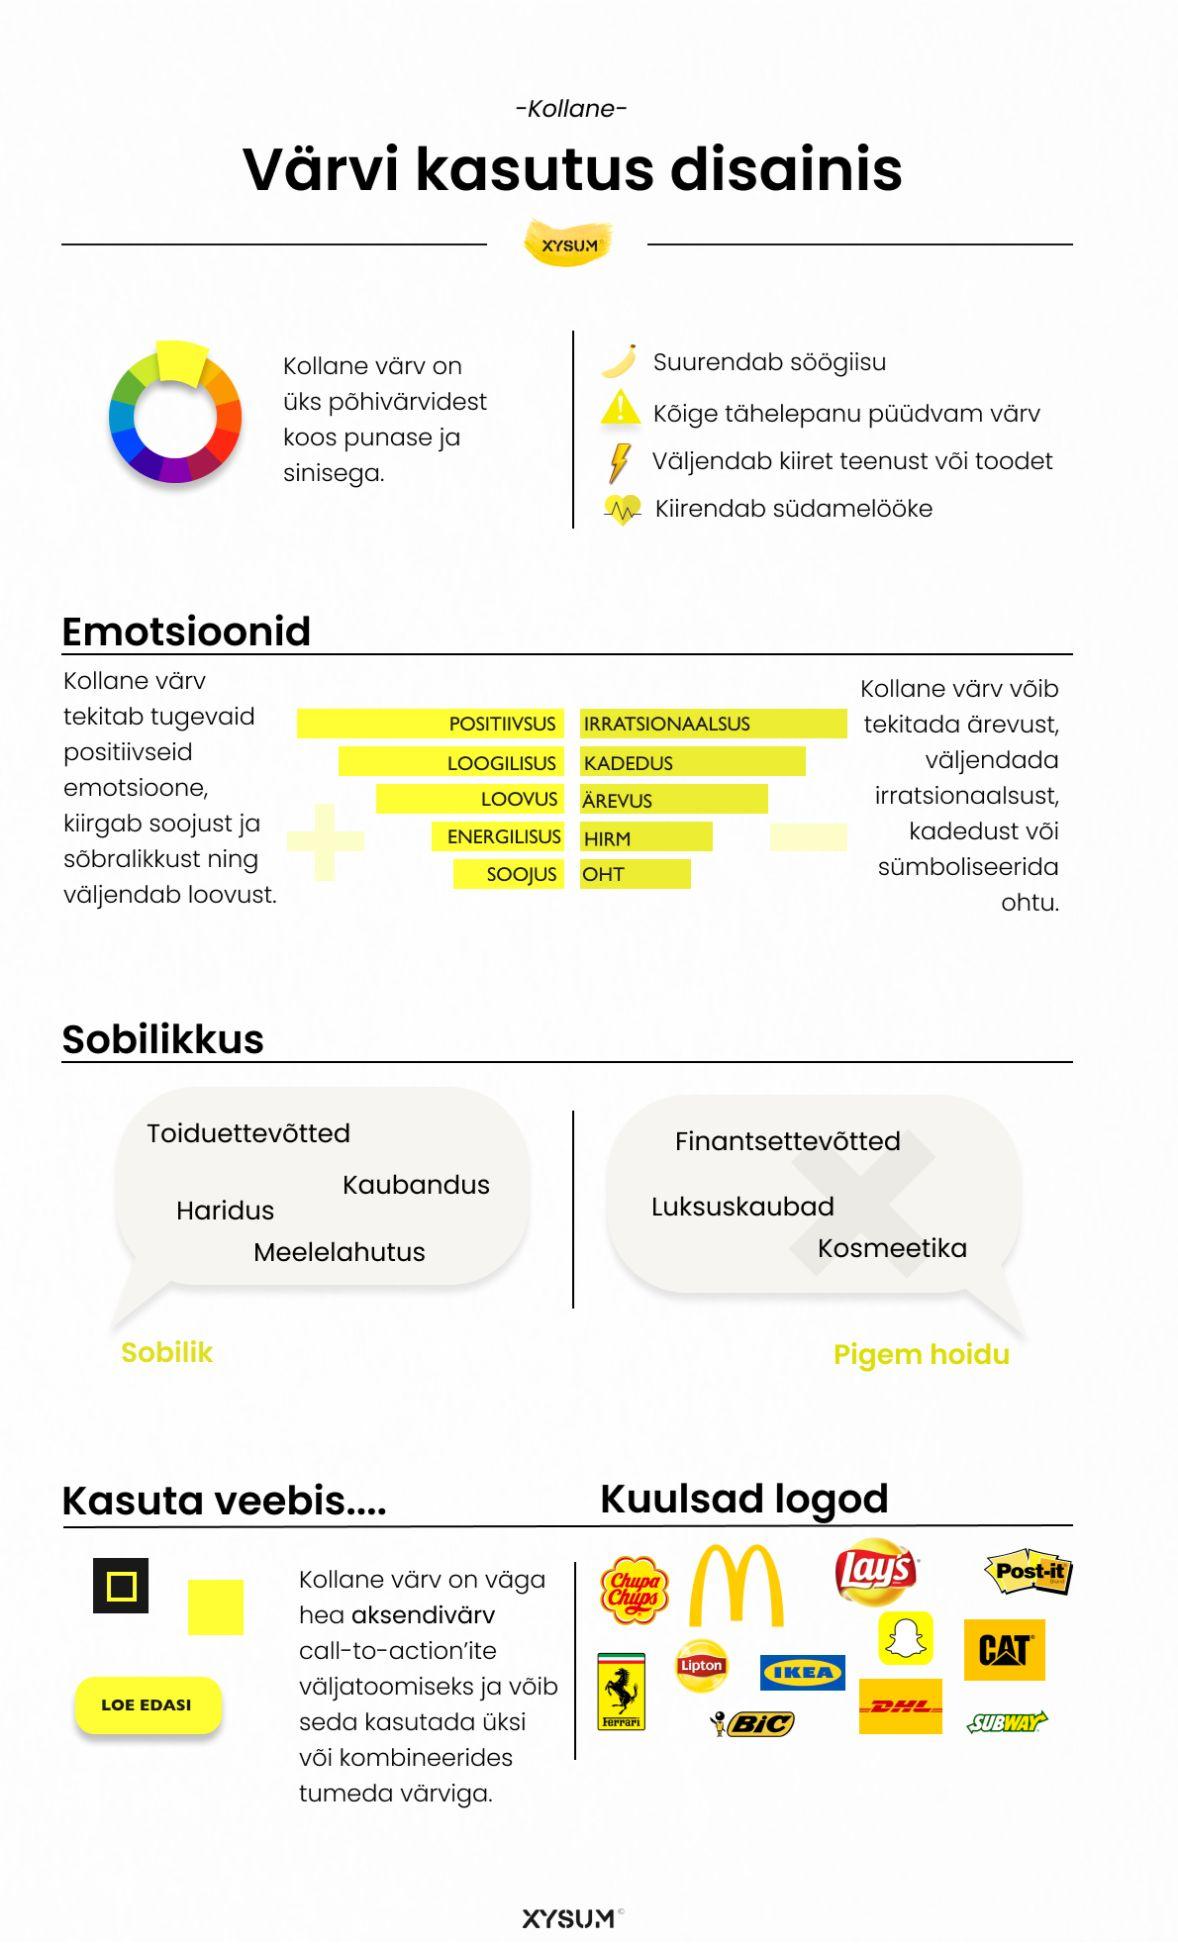 Kollane värv, kollase värvi kasutus veebidisainis, graafilises disainis